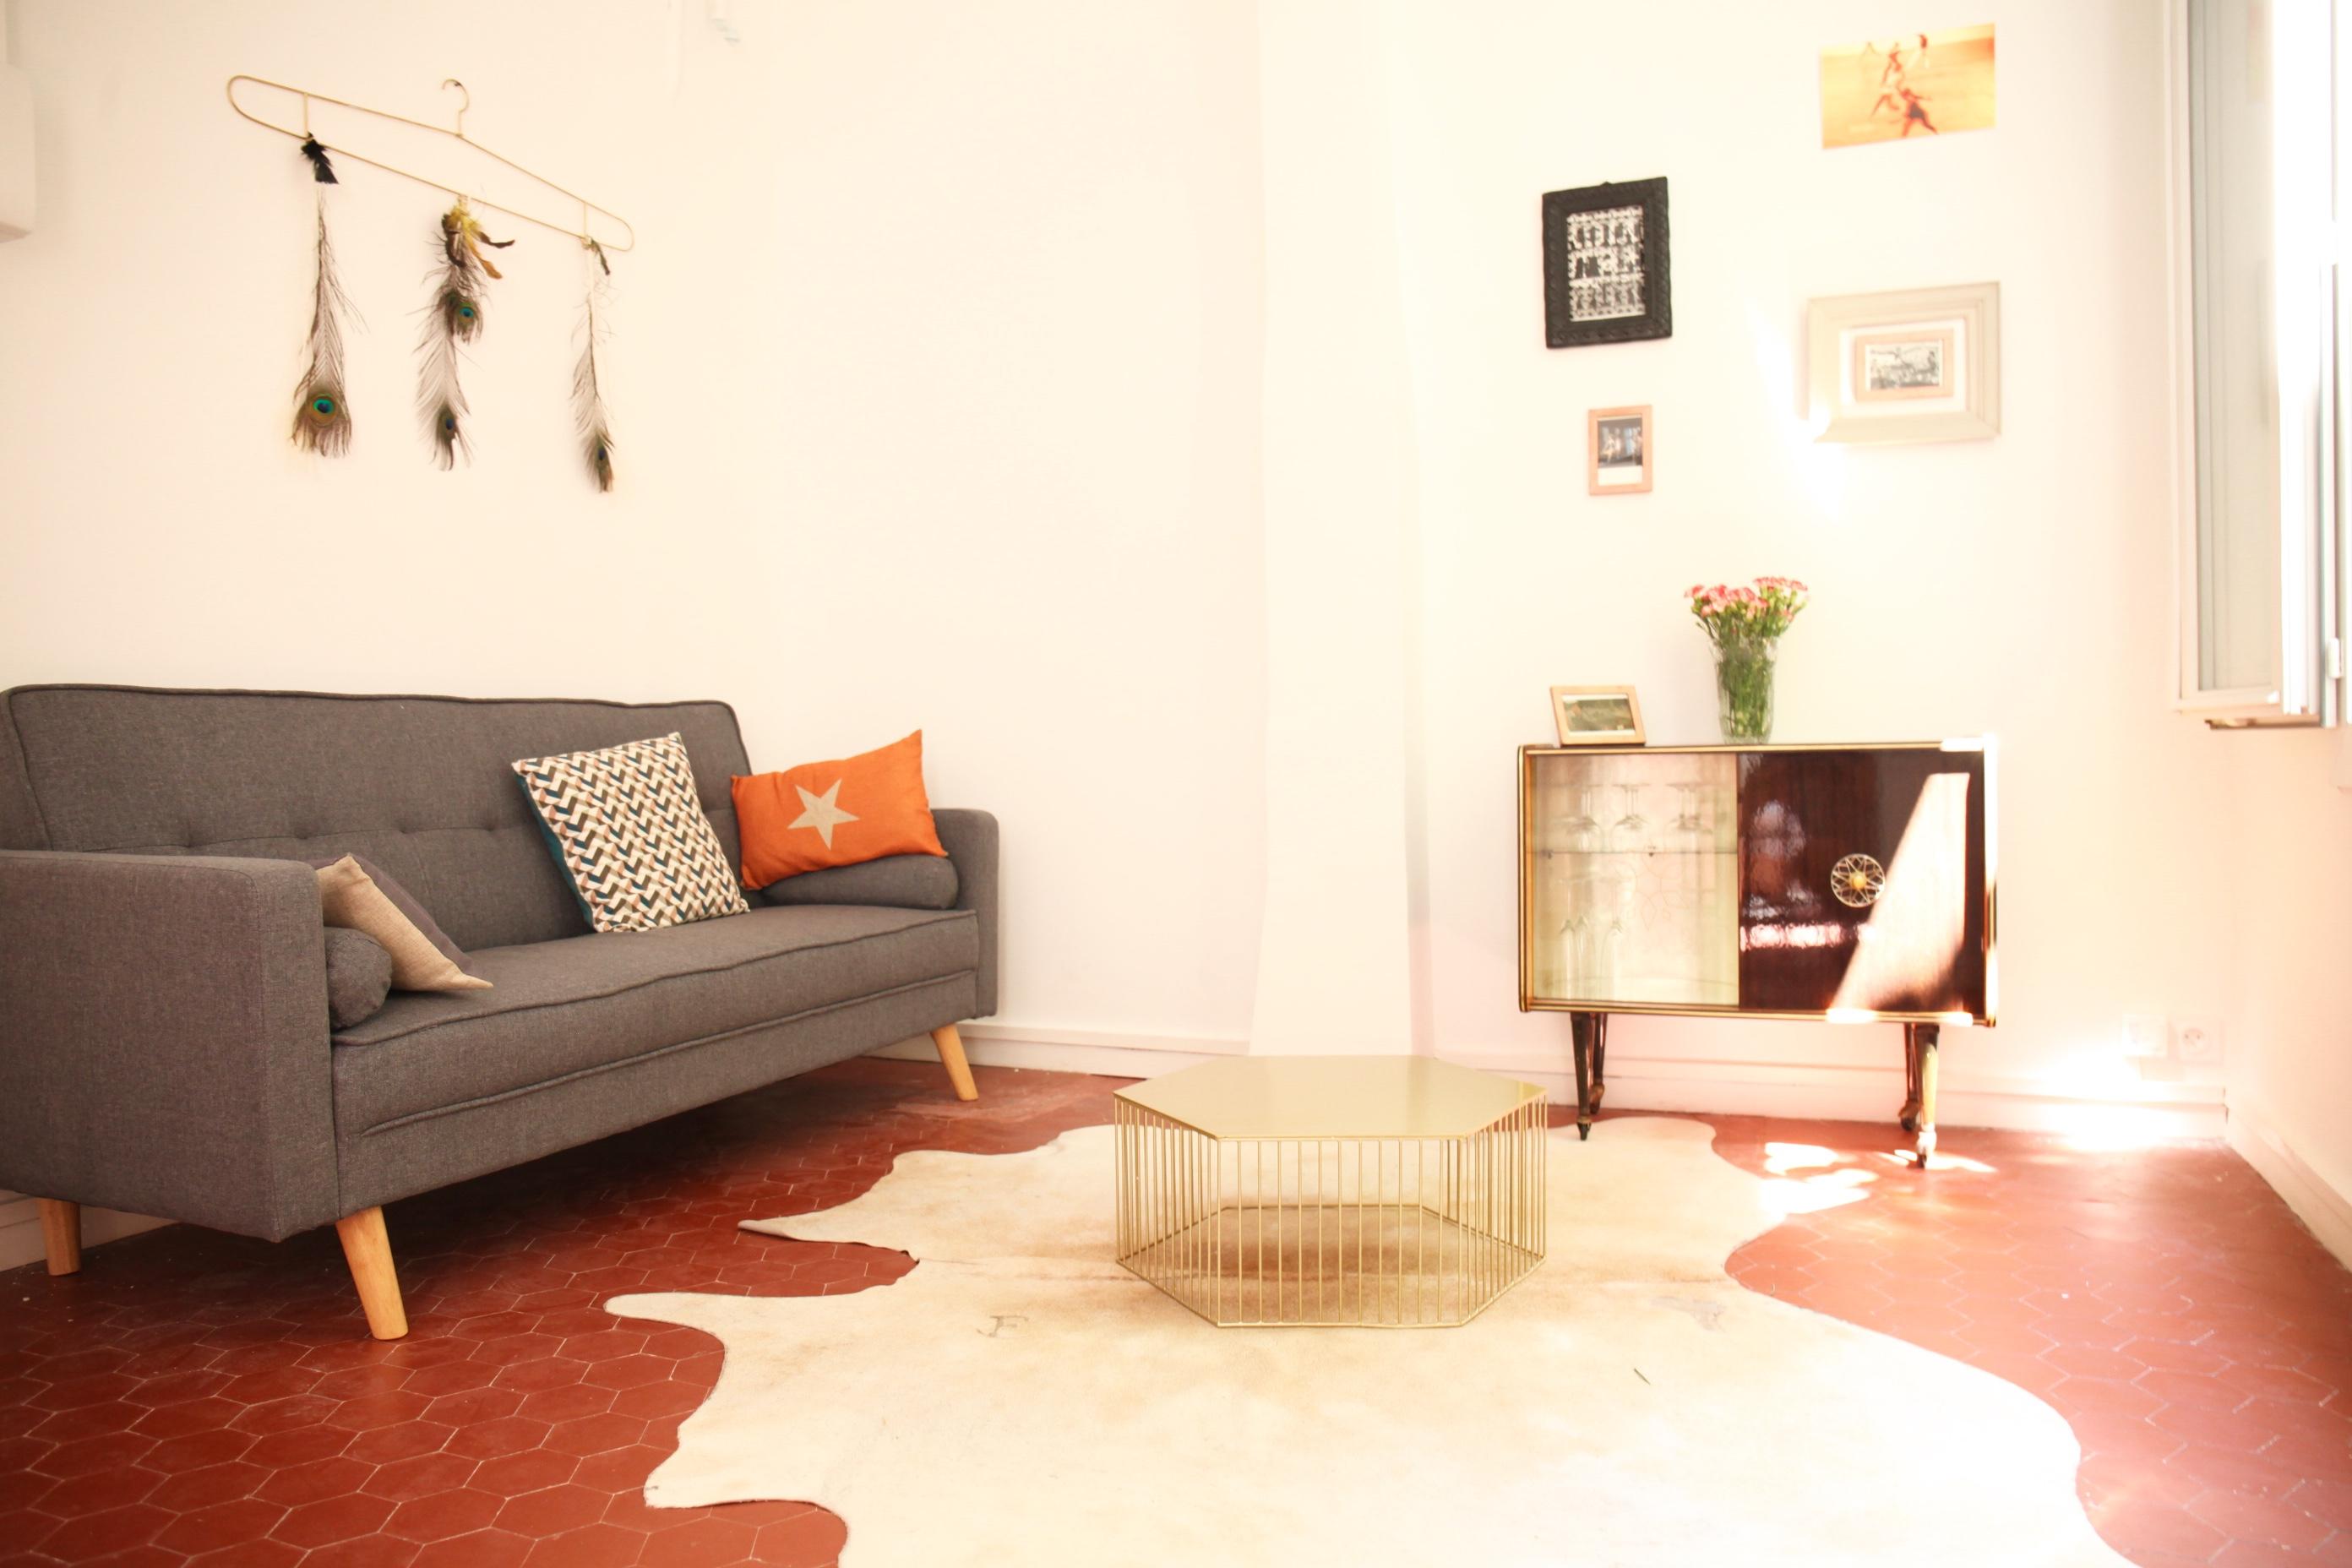 Offre en cours - St Victor - T2 style loft- 142 000 €